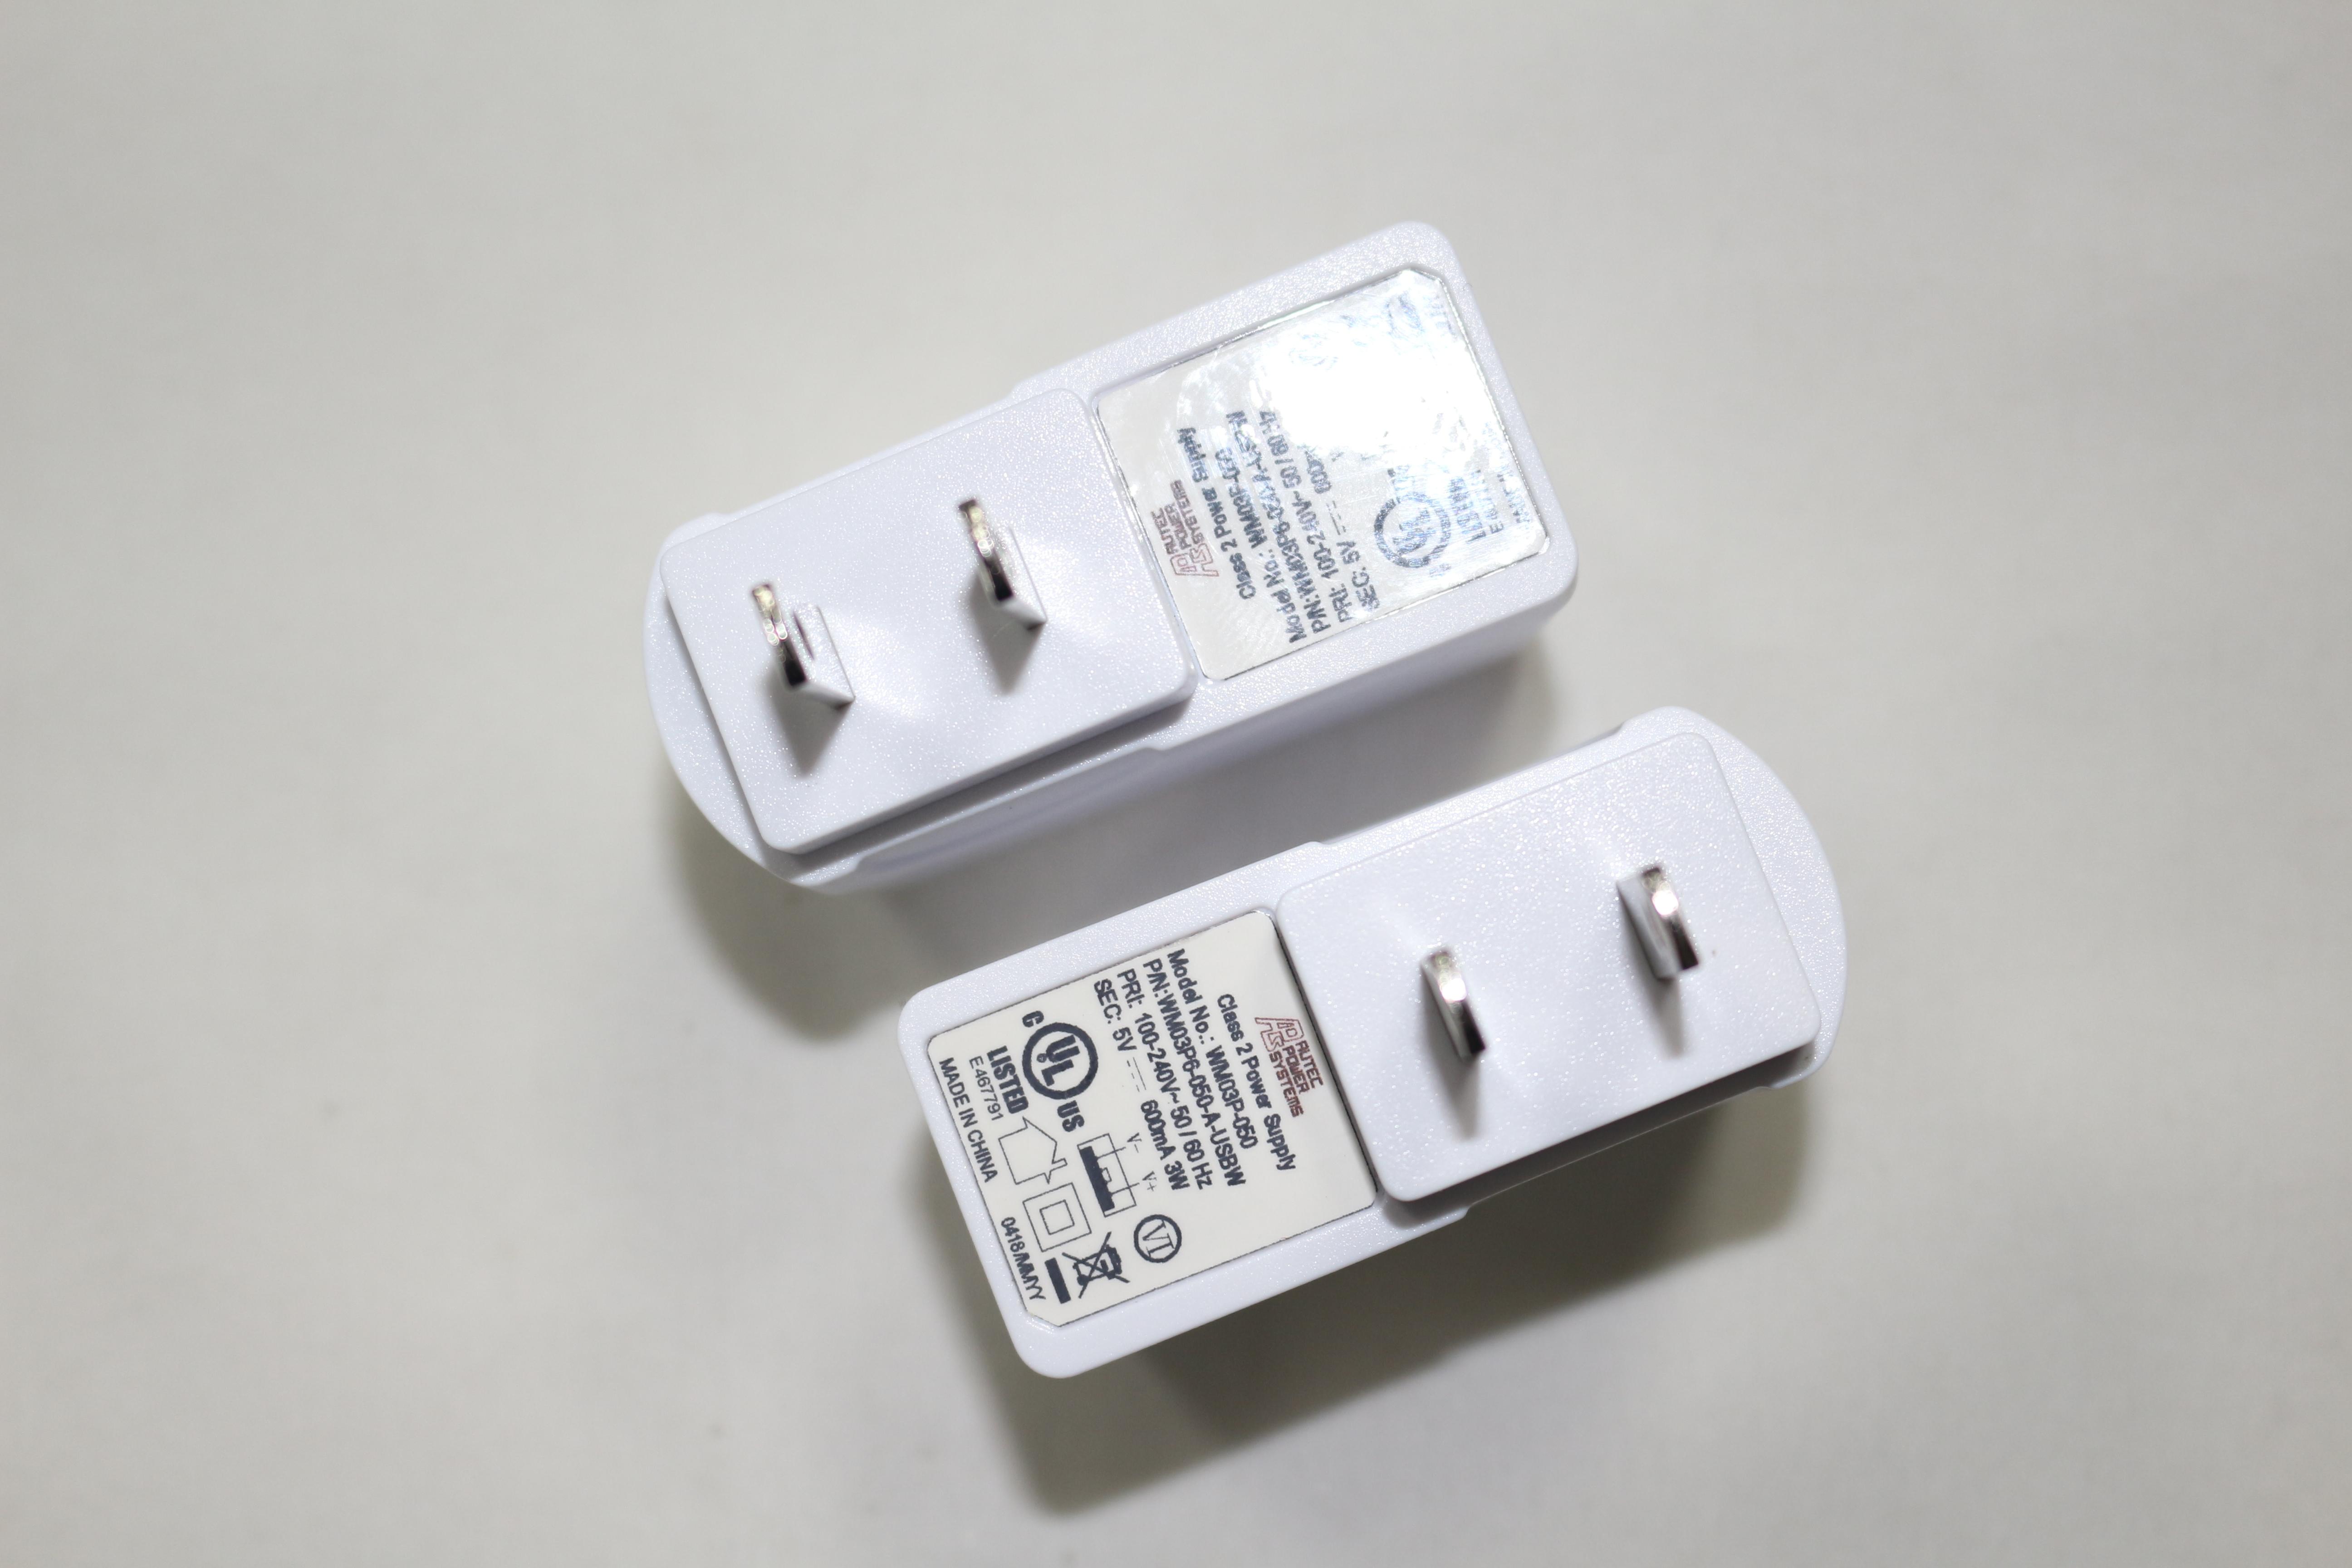 电源充电器图片/电源充电器样板图 (2)